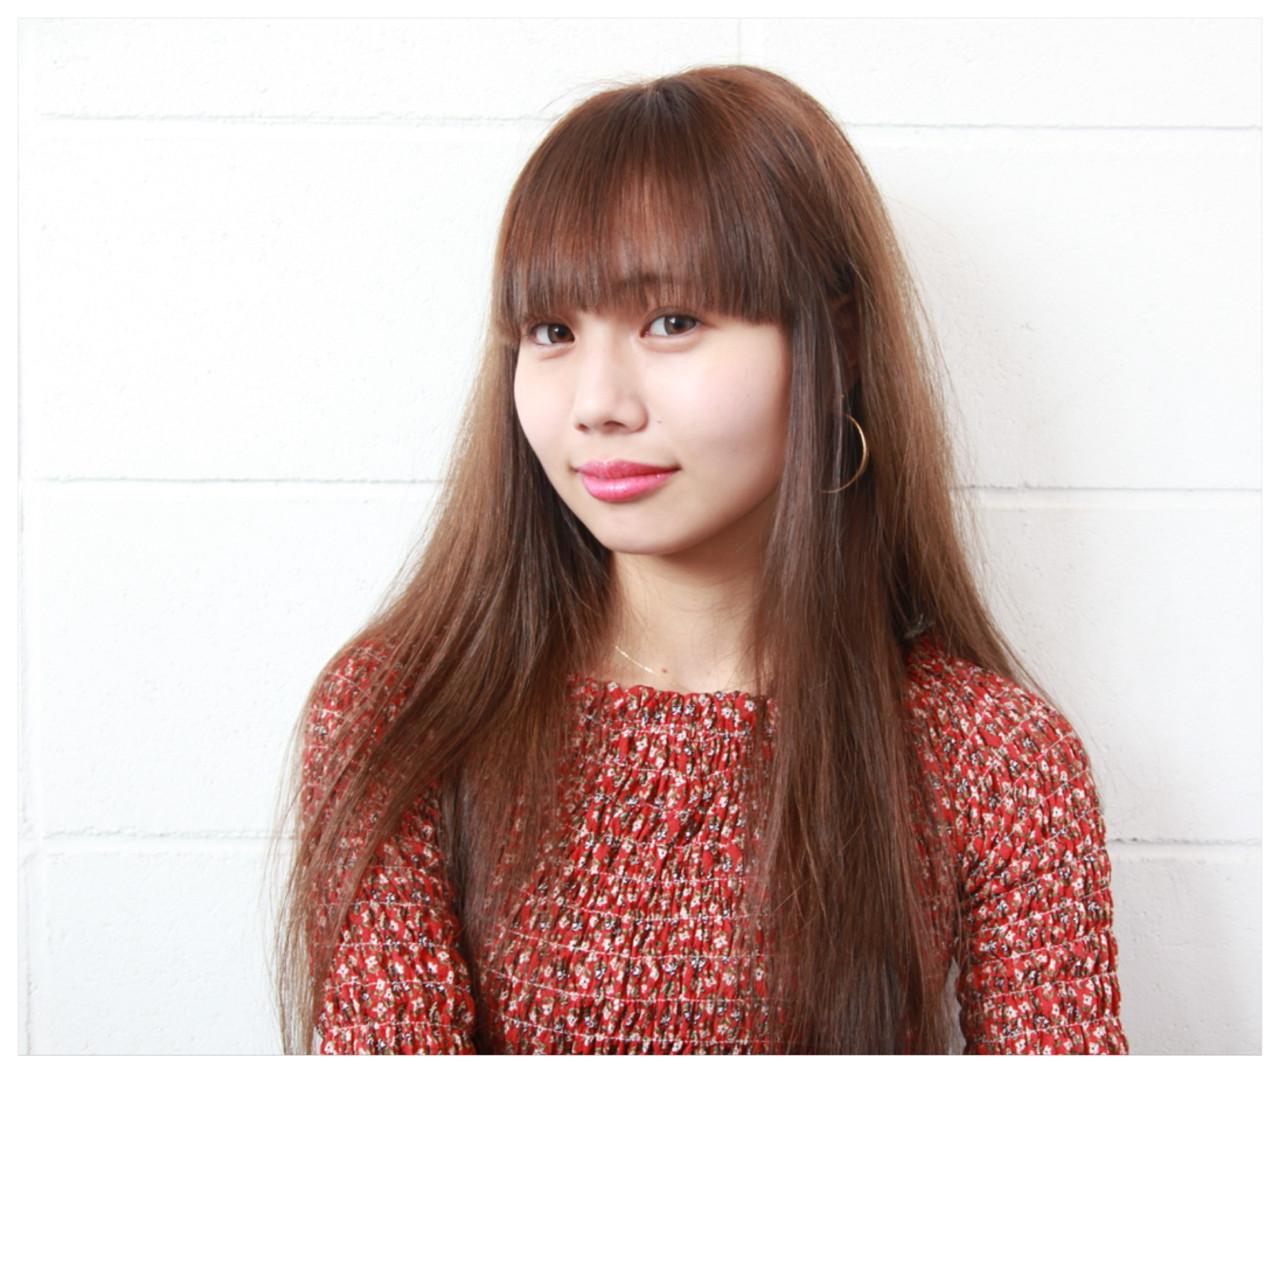 フェミニン ロング 前髪あり ヘアスタイルや髪型の写真・画像